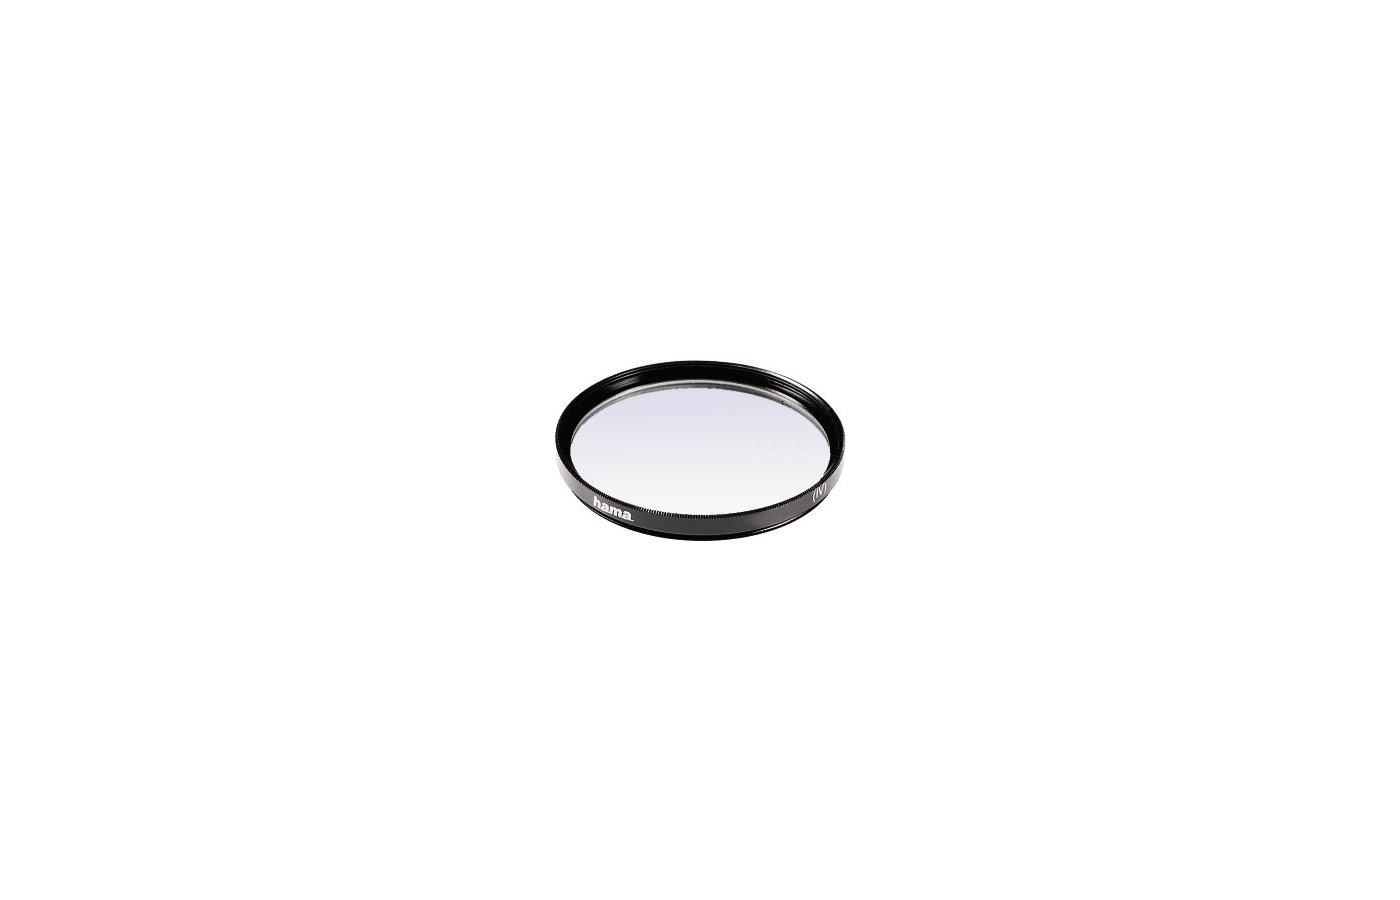 Фильтр Hama H-70052 ультрафиолетовый O-Haze 390 52mm защитный (2х)